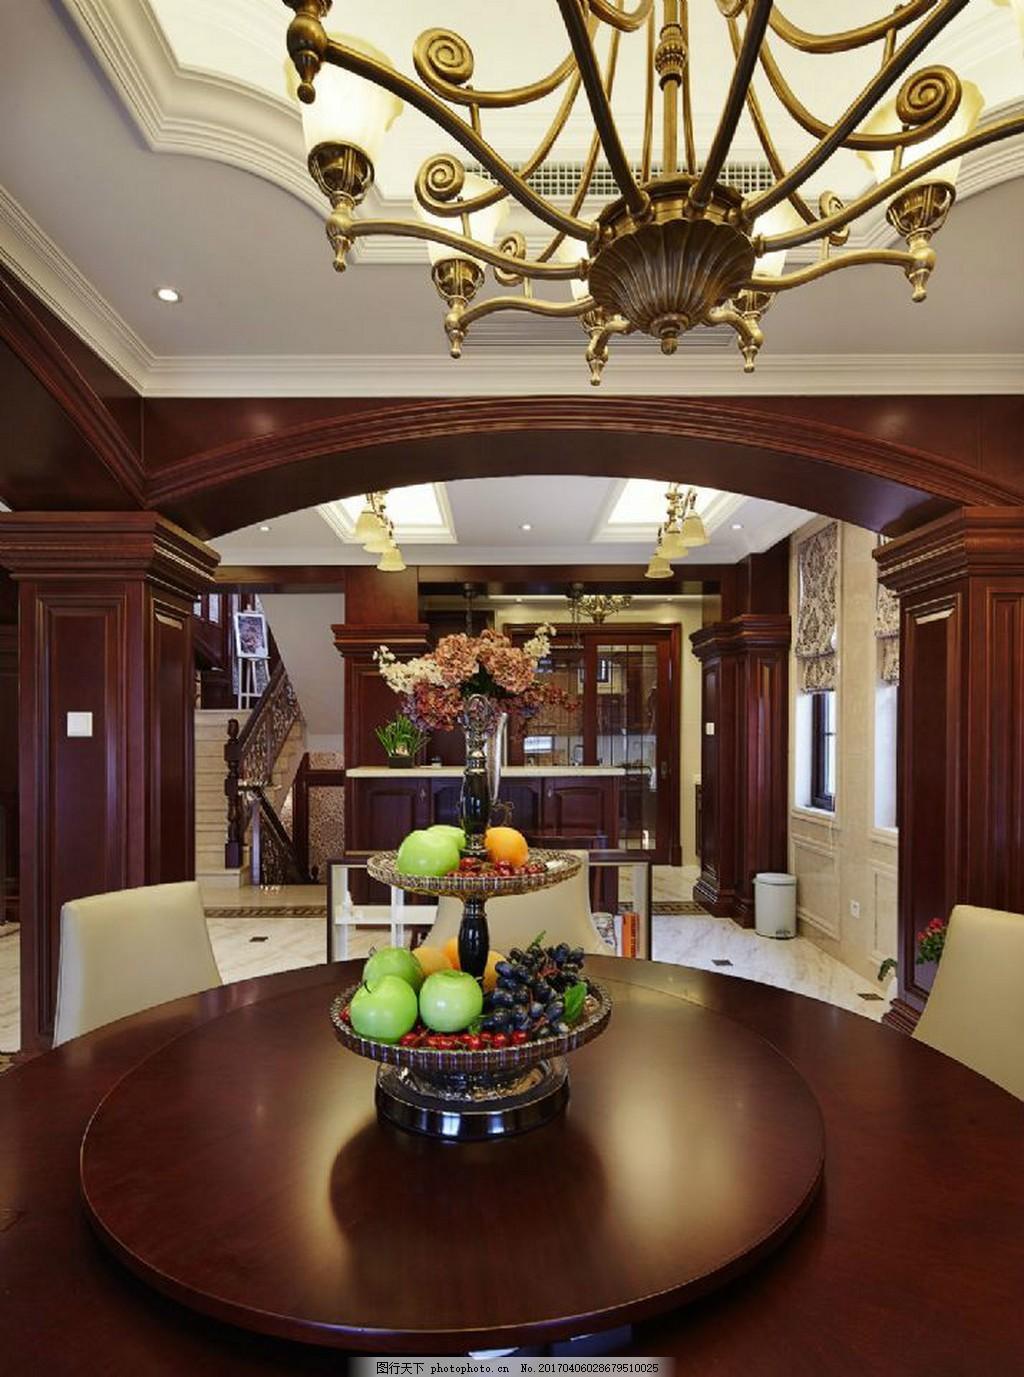 豪华餐厅餐桌设计图 家居 家居生活 室内设计 装修 家具 装修设计